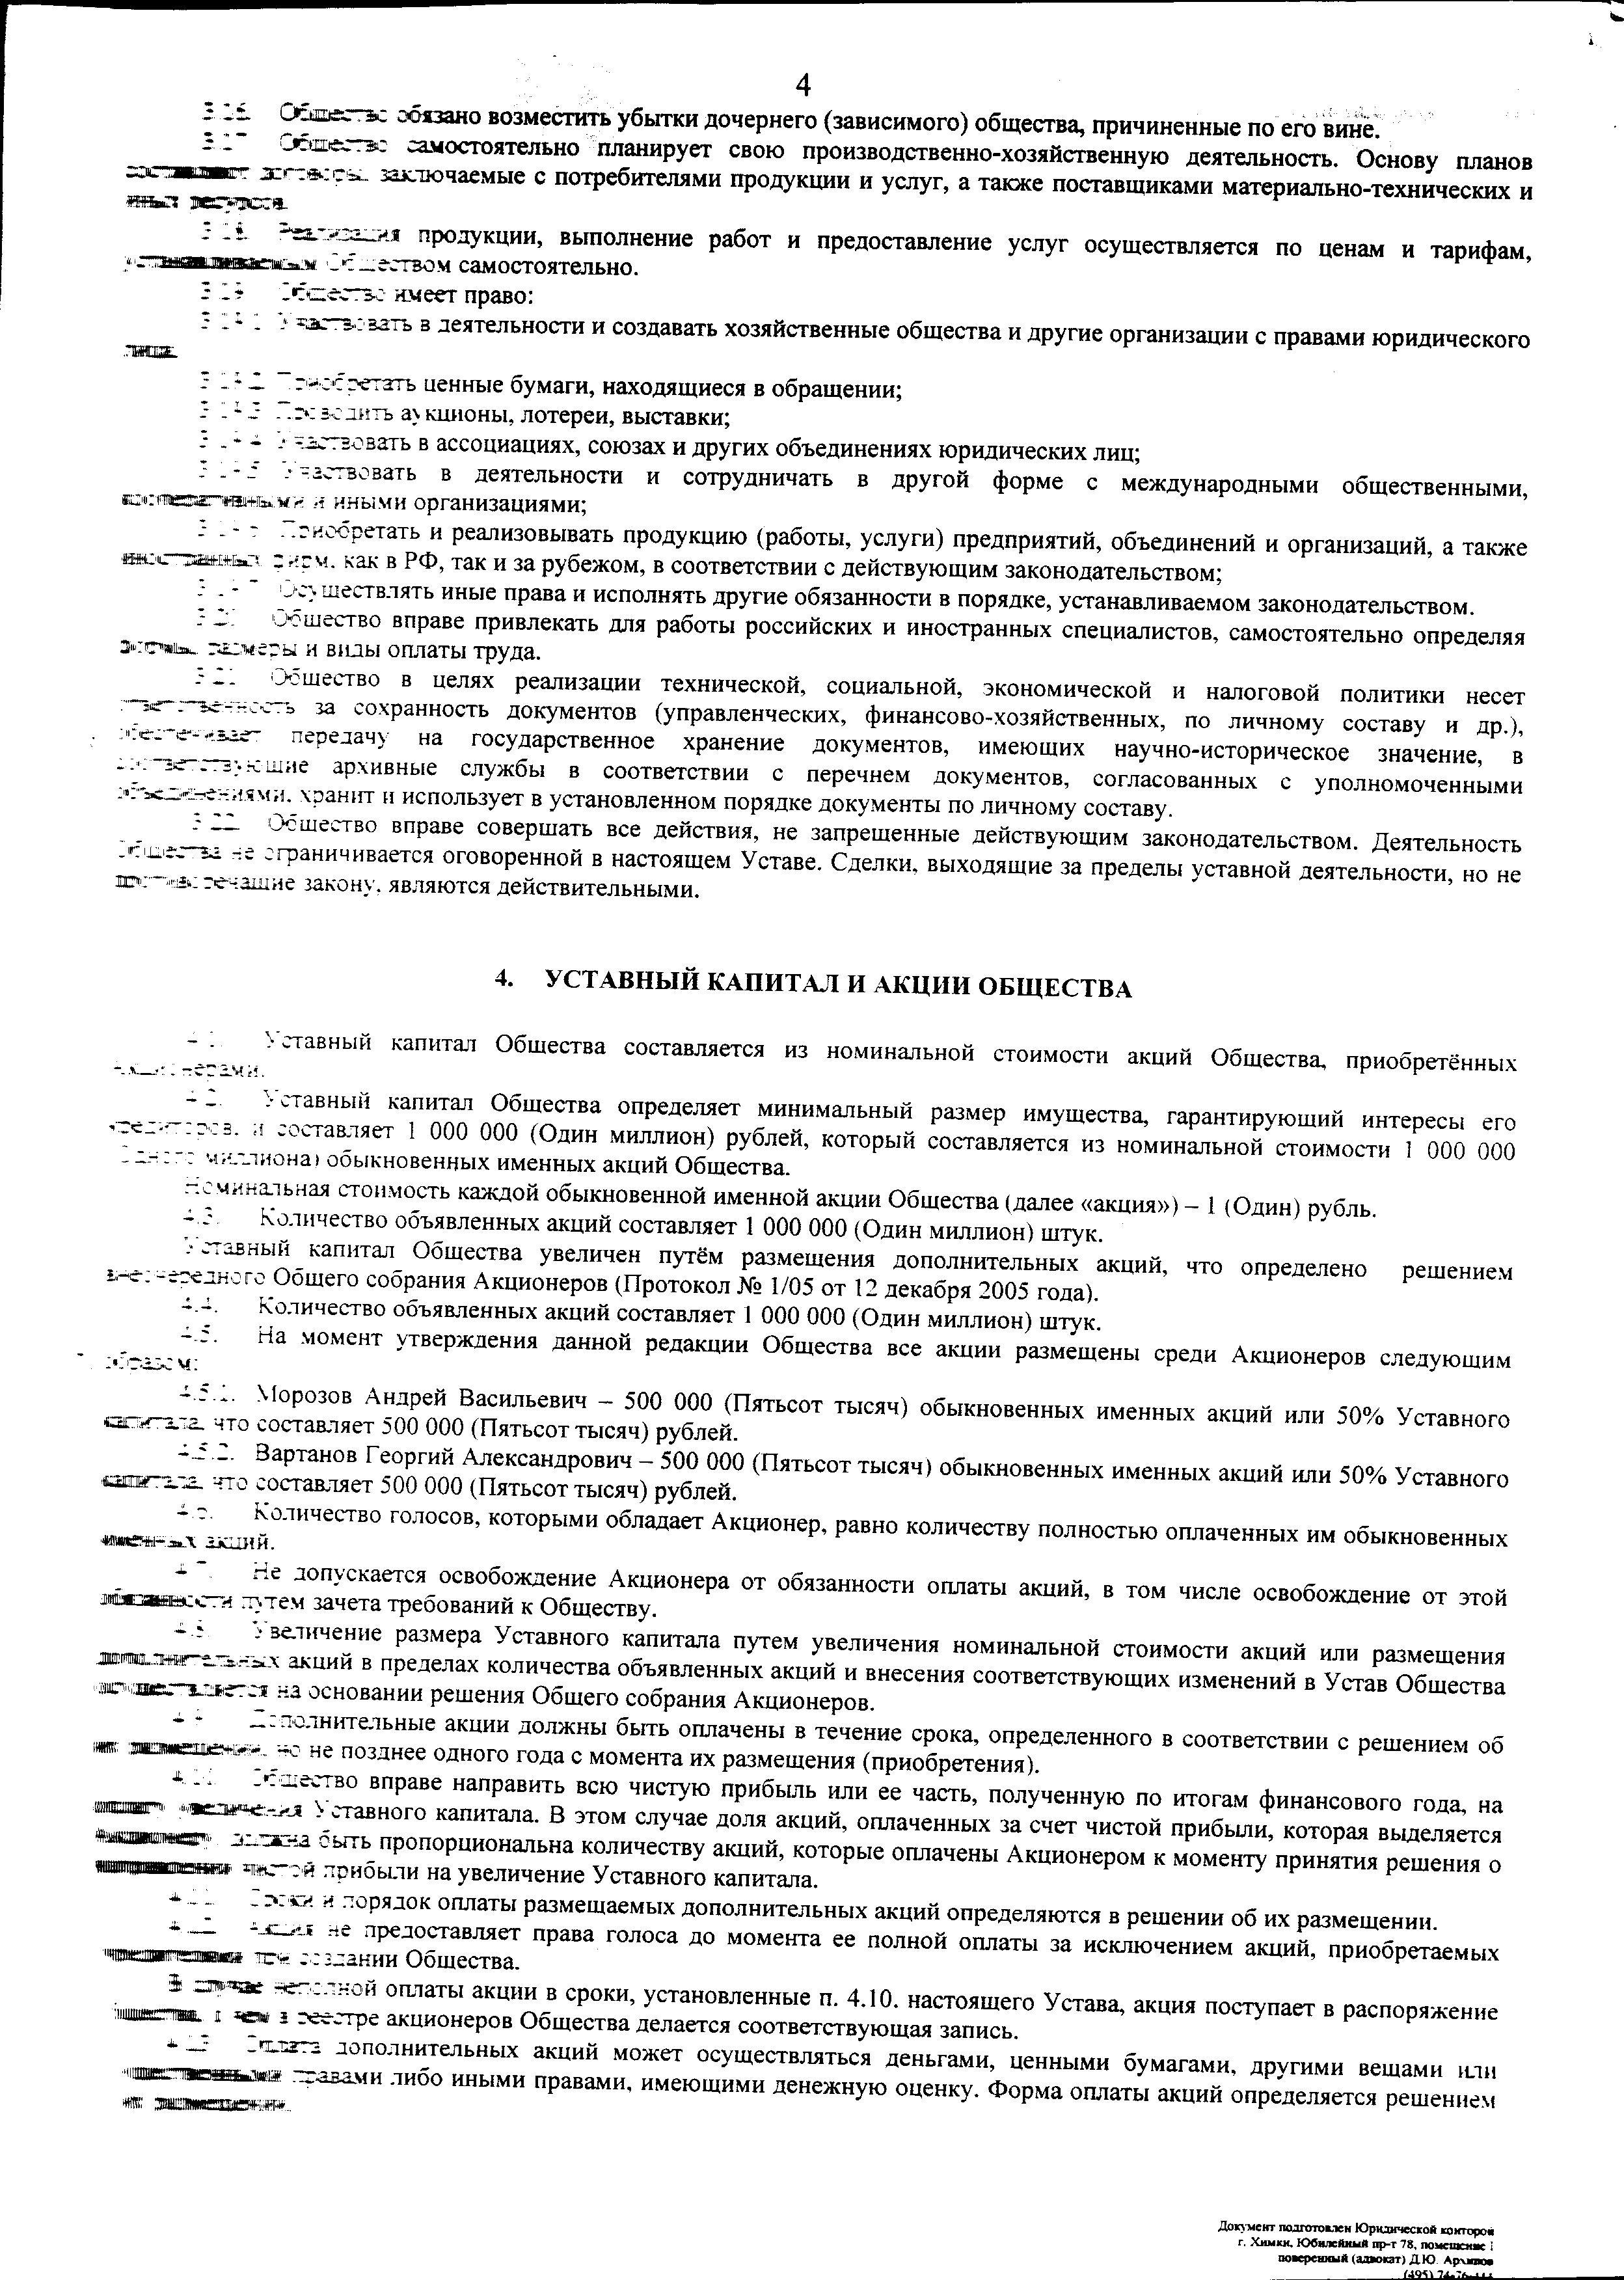 Уставной капитал Сканер